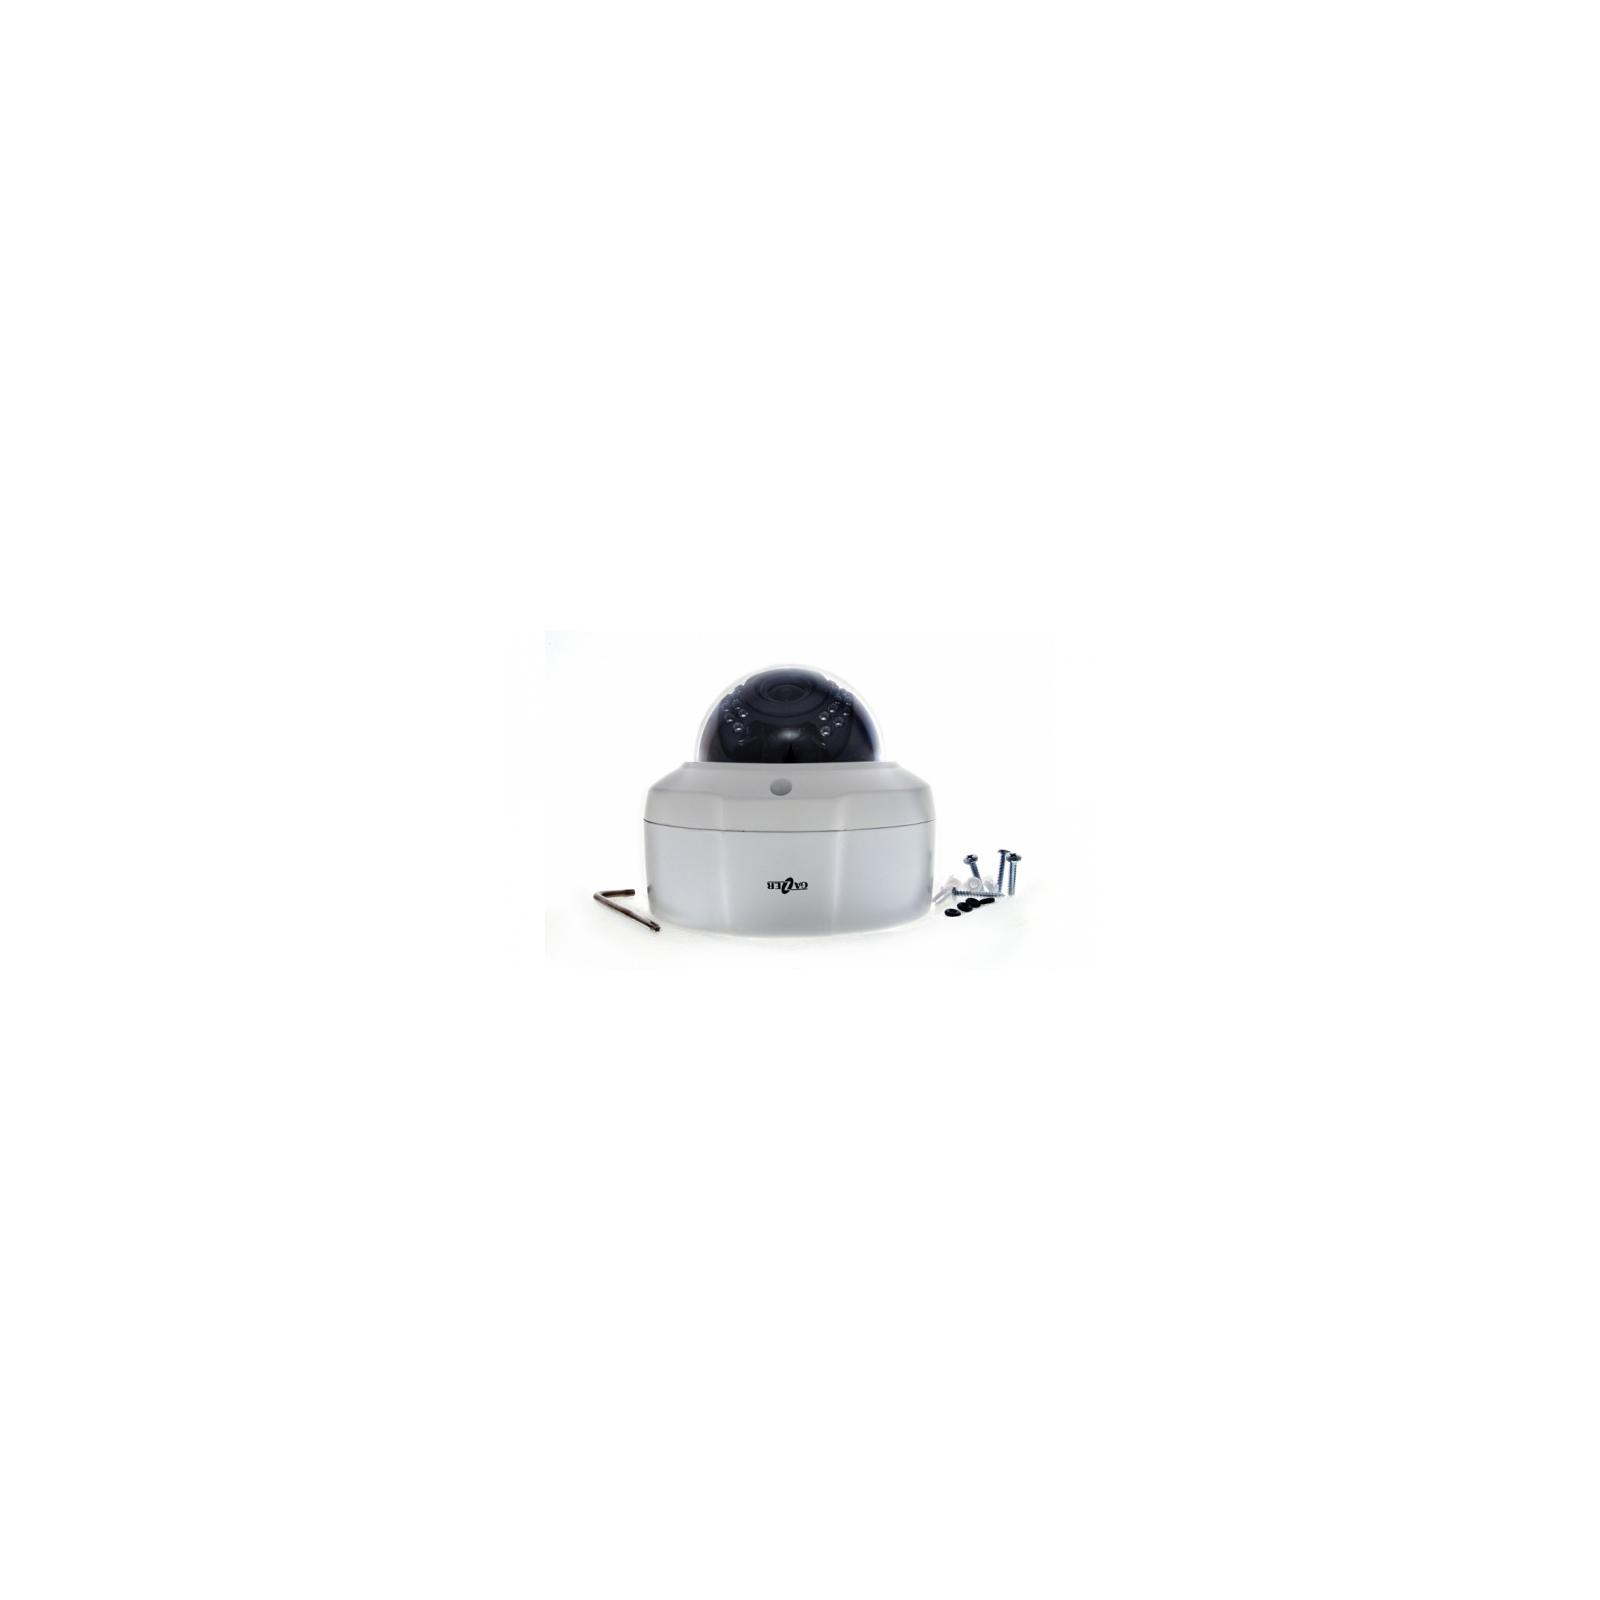 Камера видеонаблюдения Gazer SVC CI232 (CI232) изображение 3